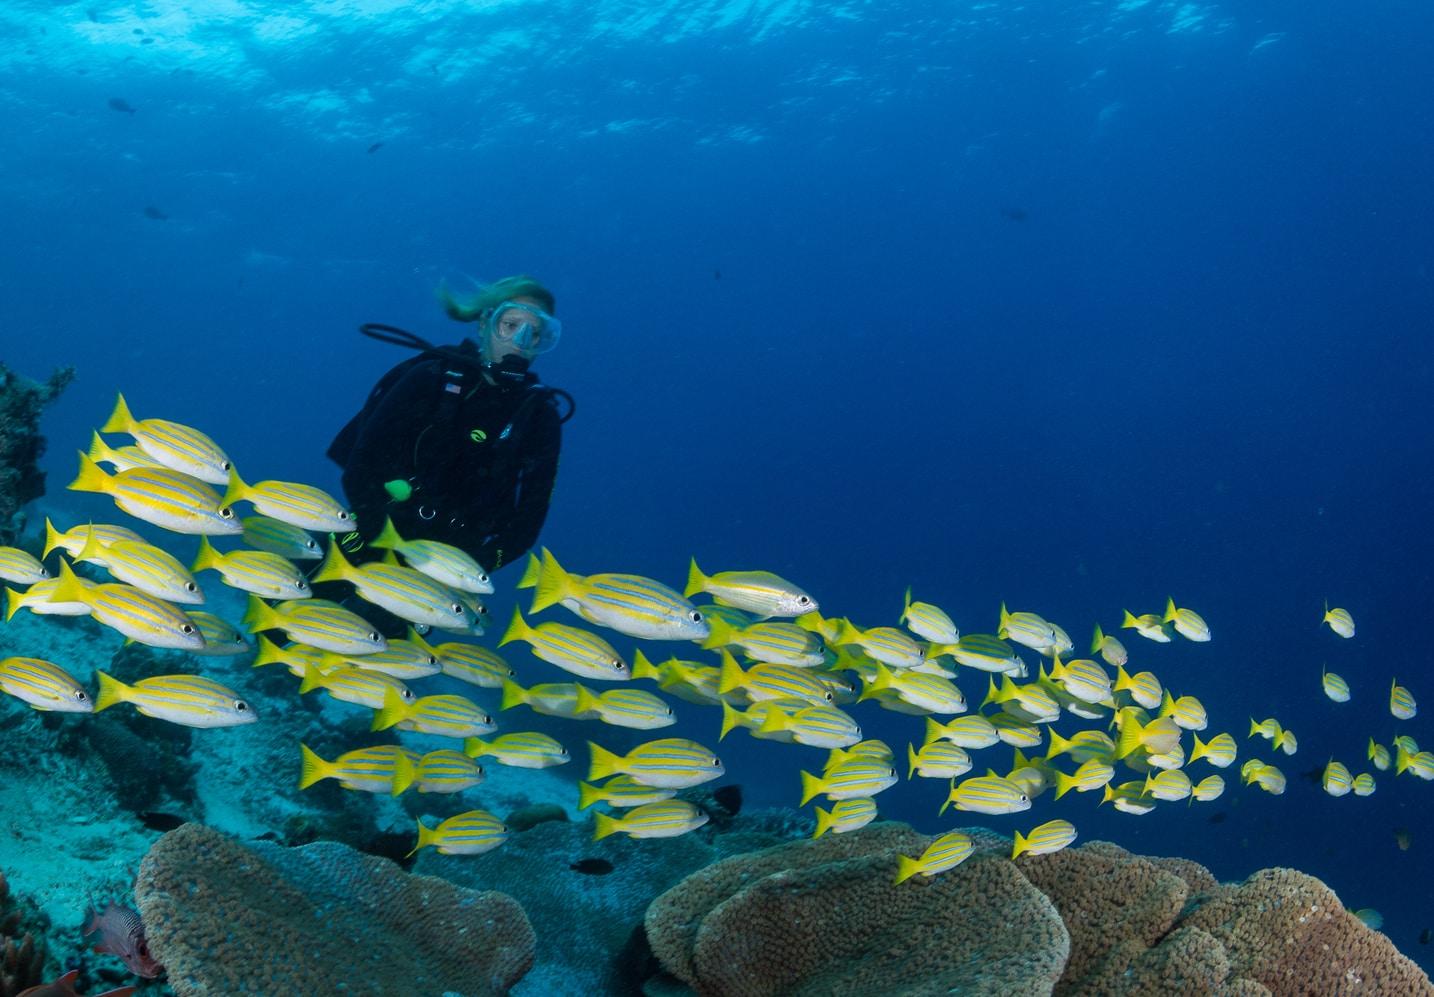 raja ampat diving sites